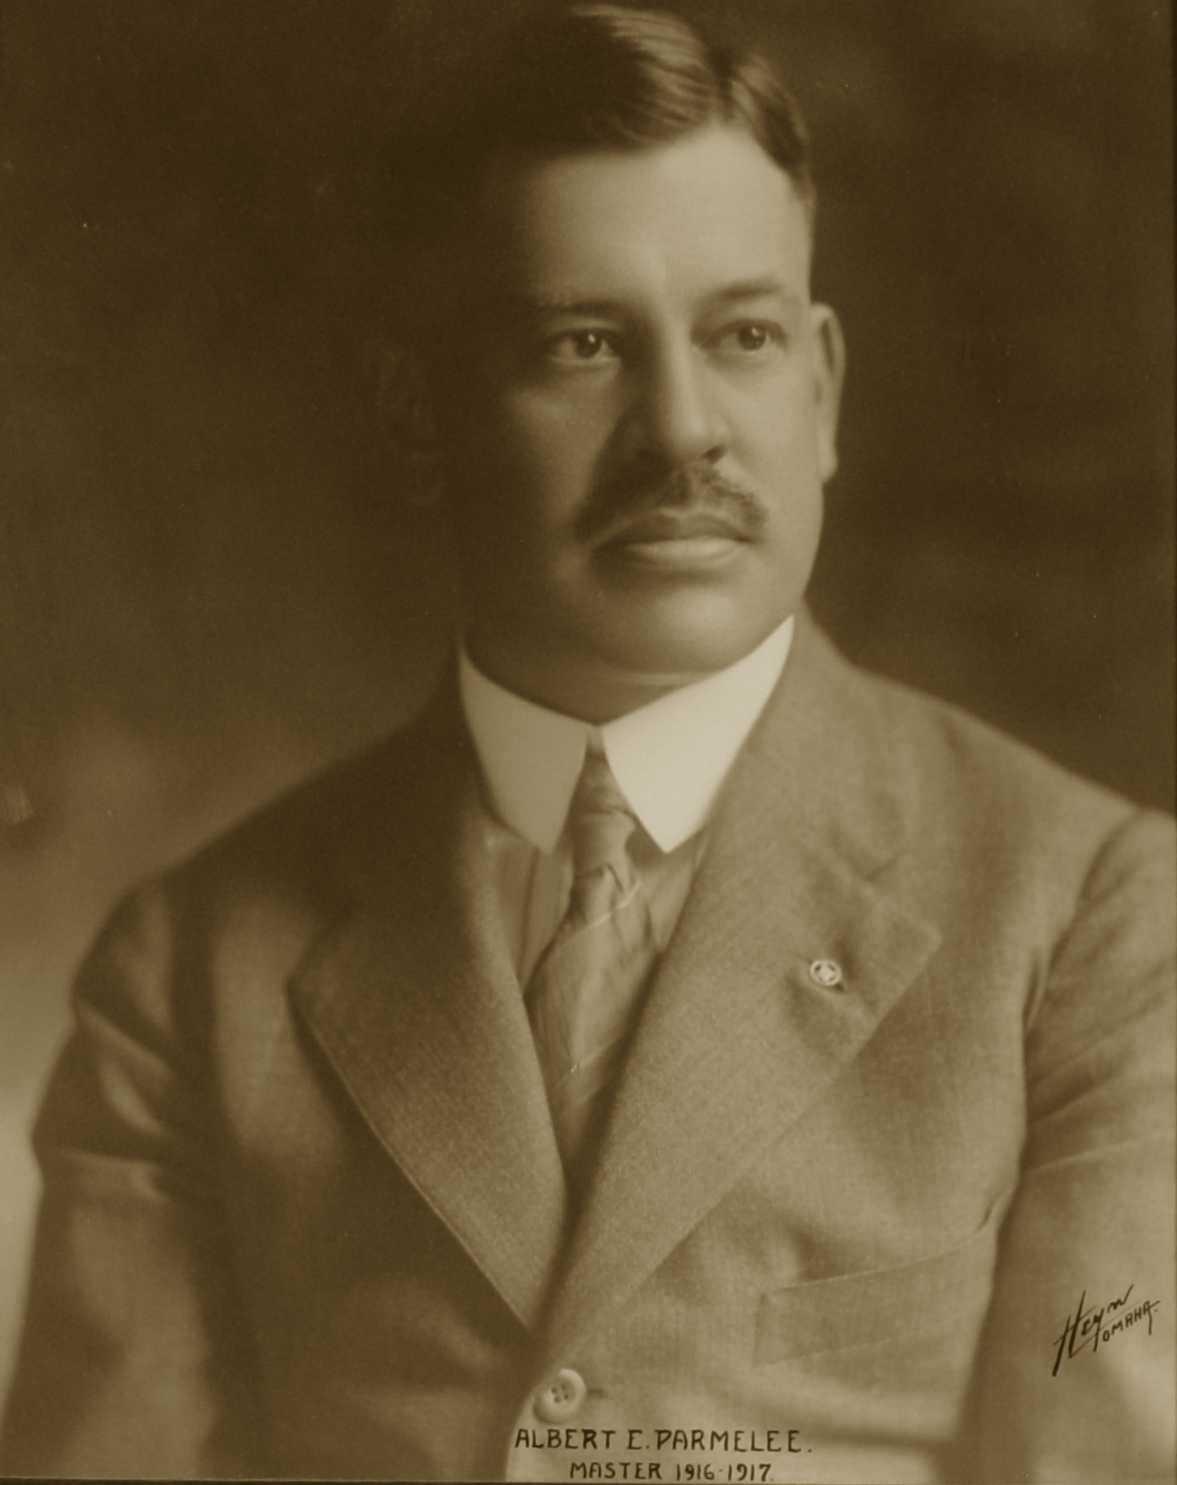 Albert Parmelee, 1916-1917